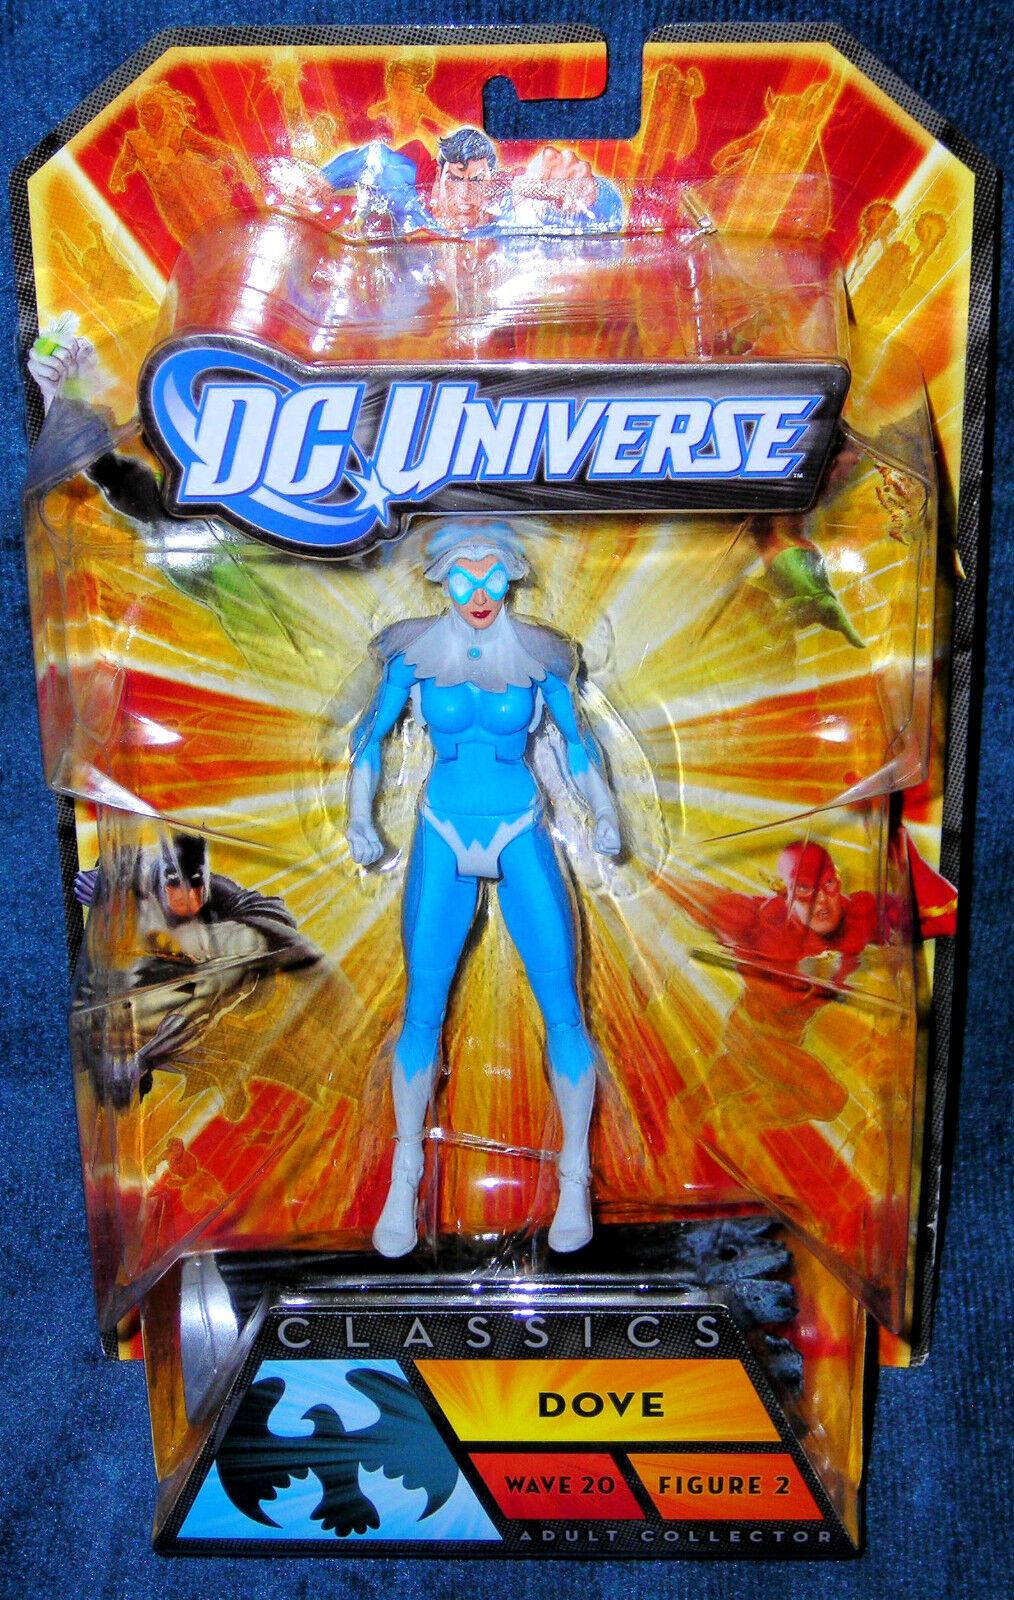 DOVE DC UNIVERSE DAWN GRANGER TITANS JUSTICE  DOOM PATROL EARTH CLASSIC LEGENDS  Commandez maintenant